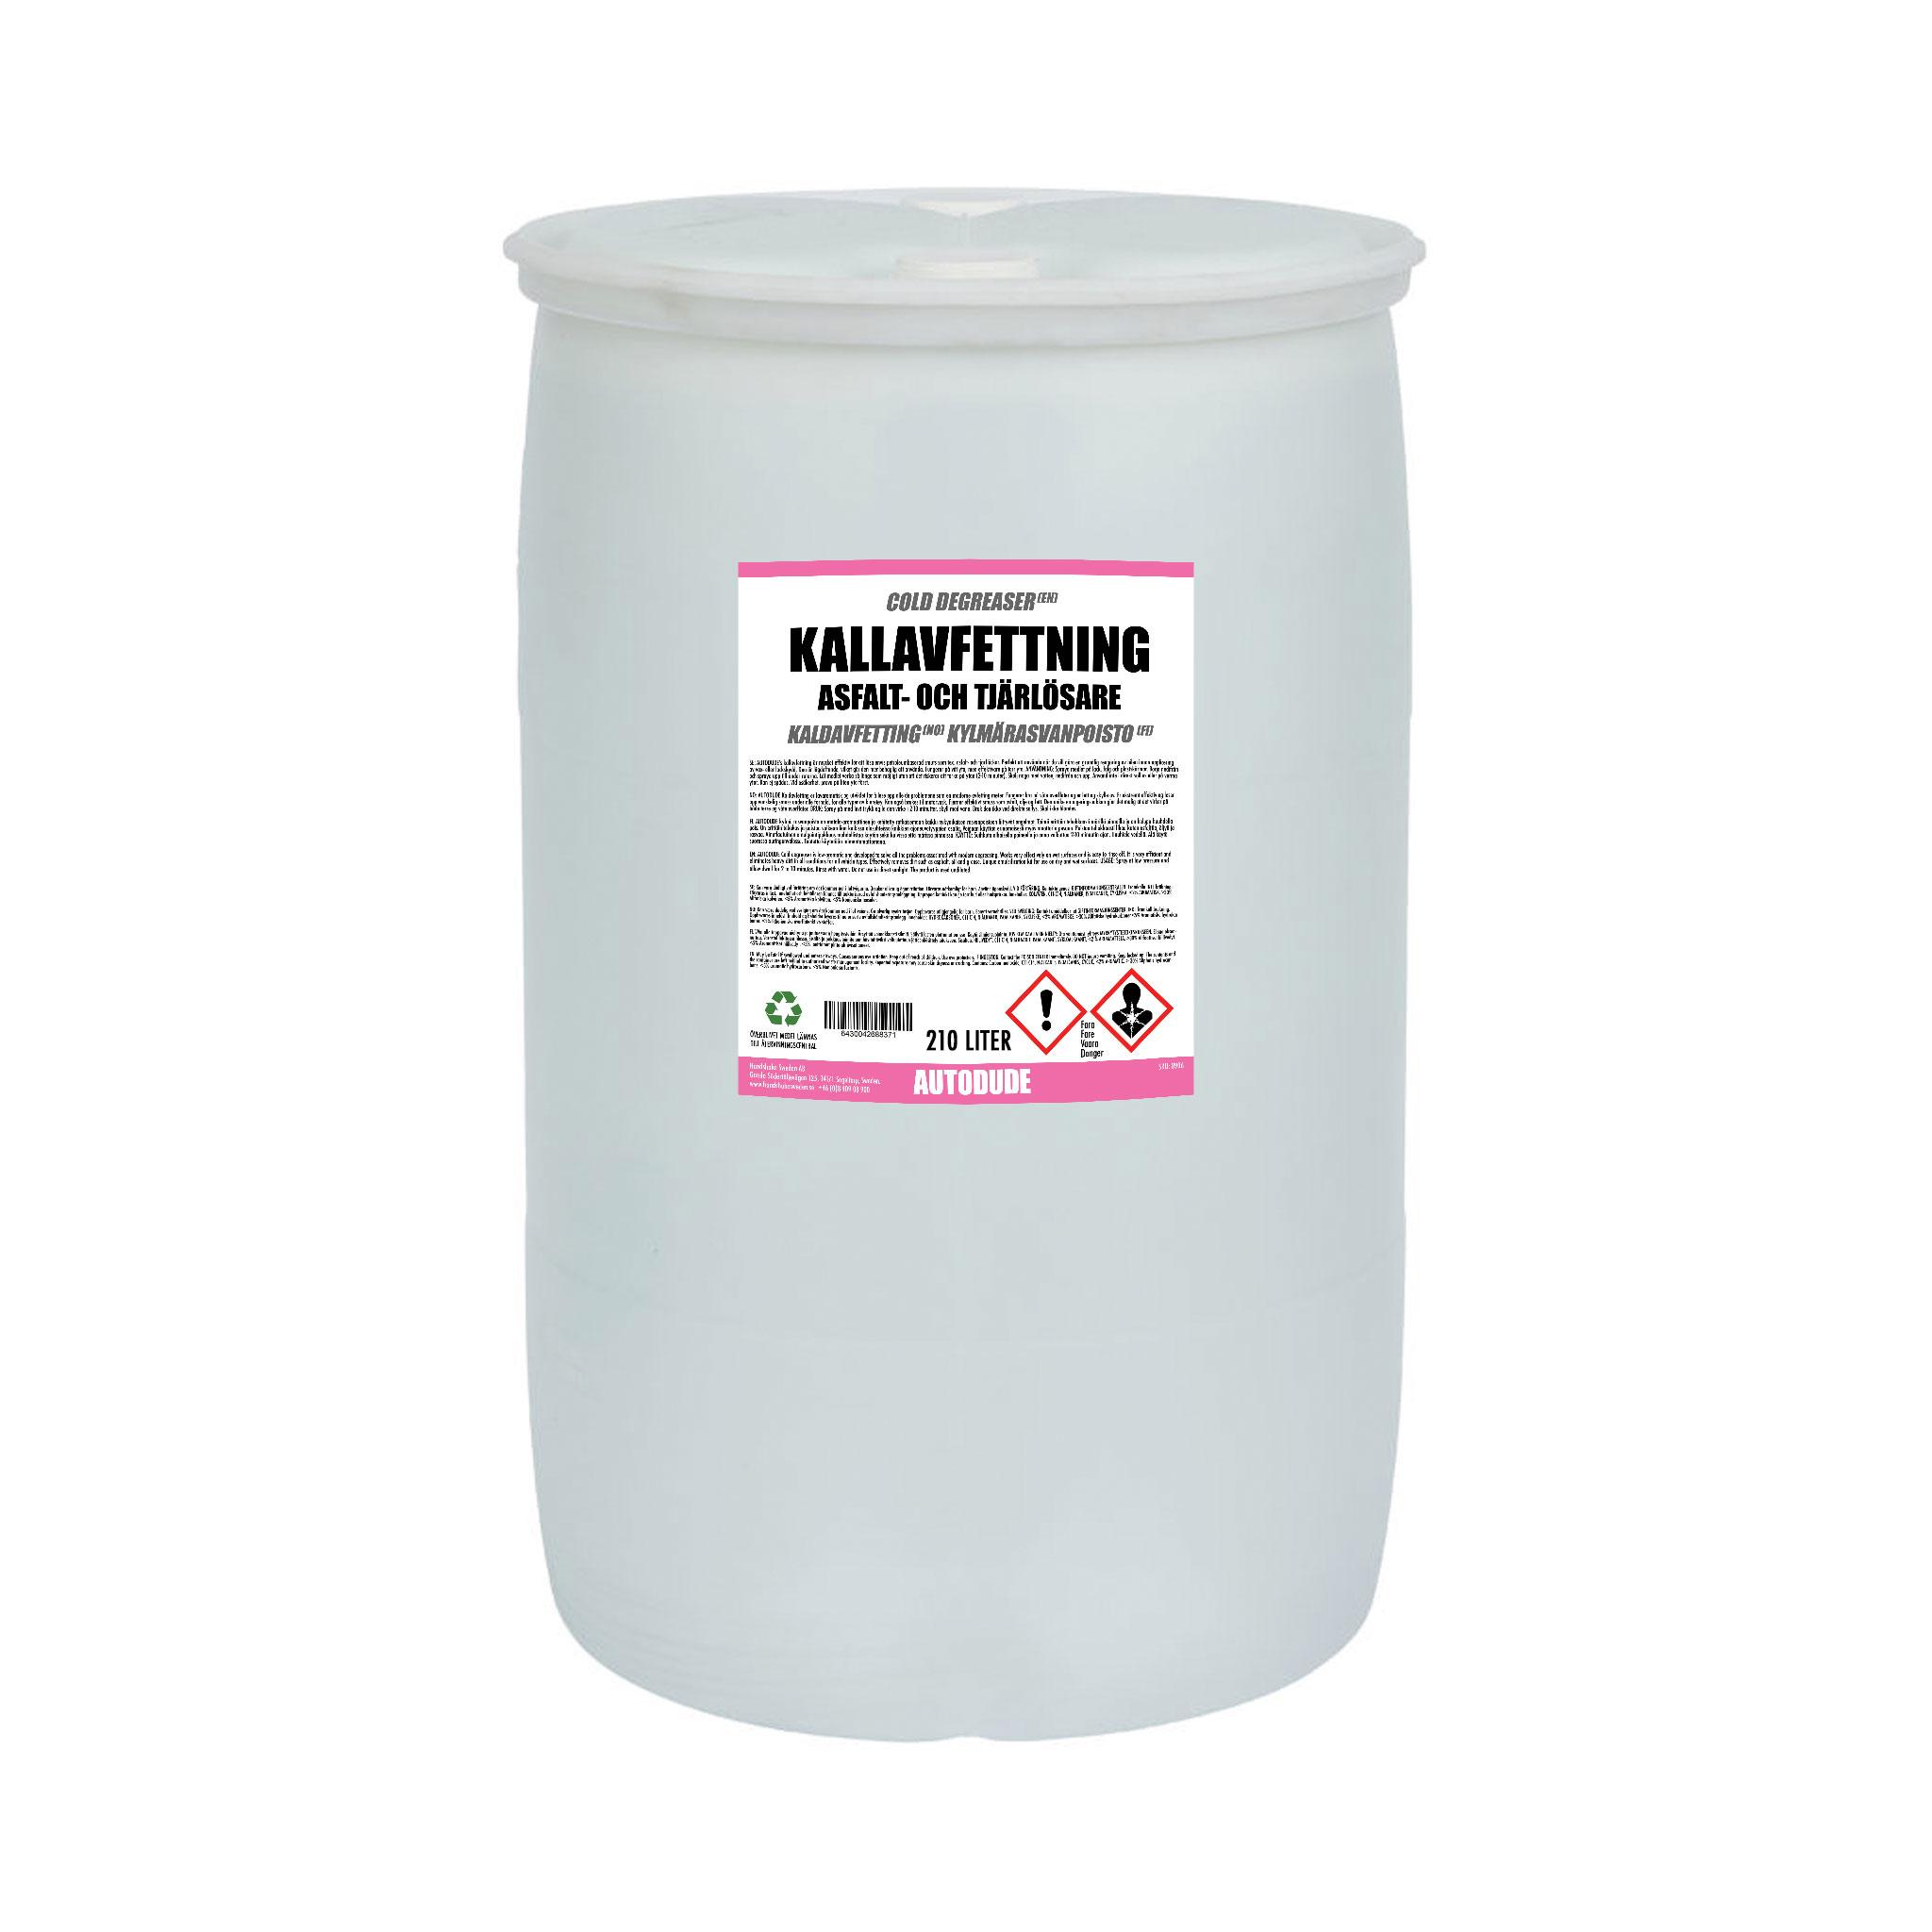 Asfaltslösare Autodude's Kallavfettning, 210 000 ml / Fat